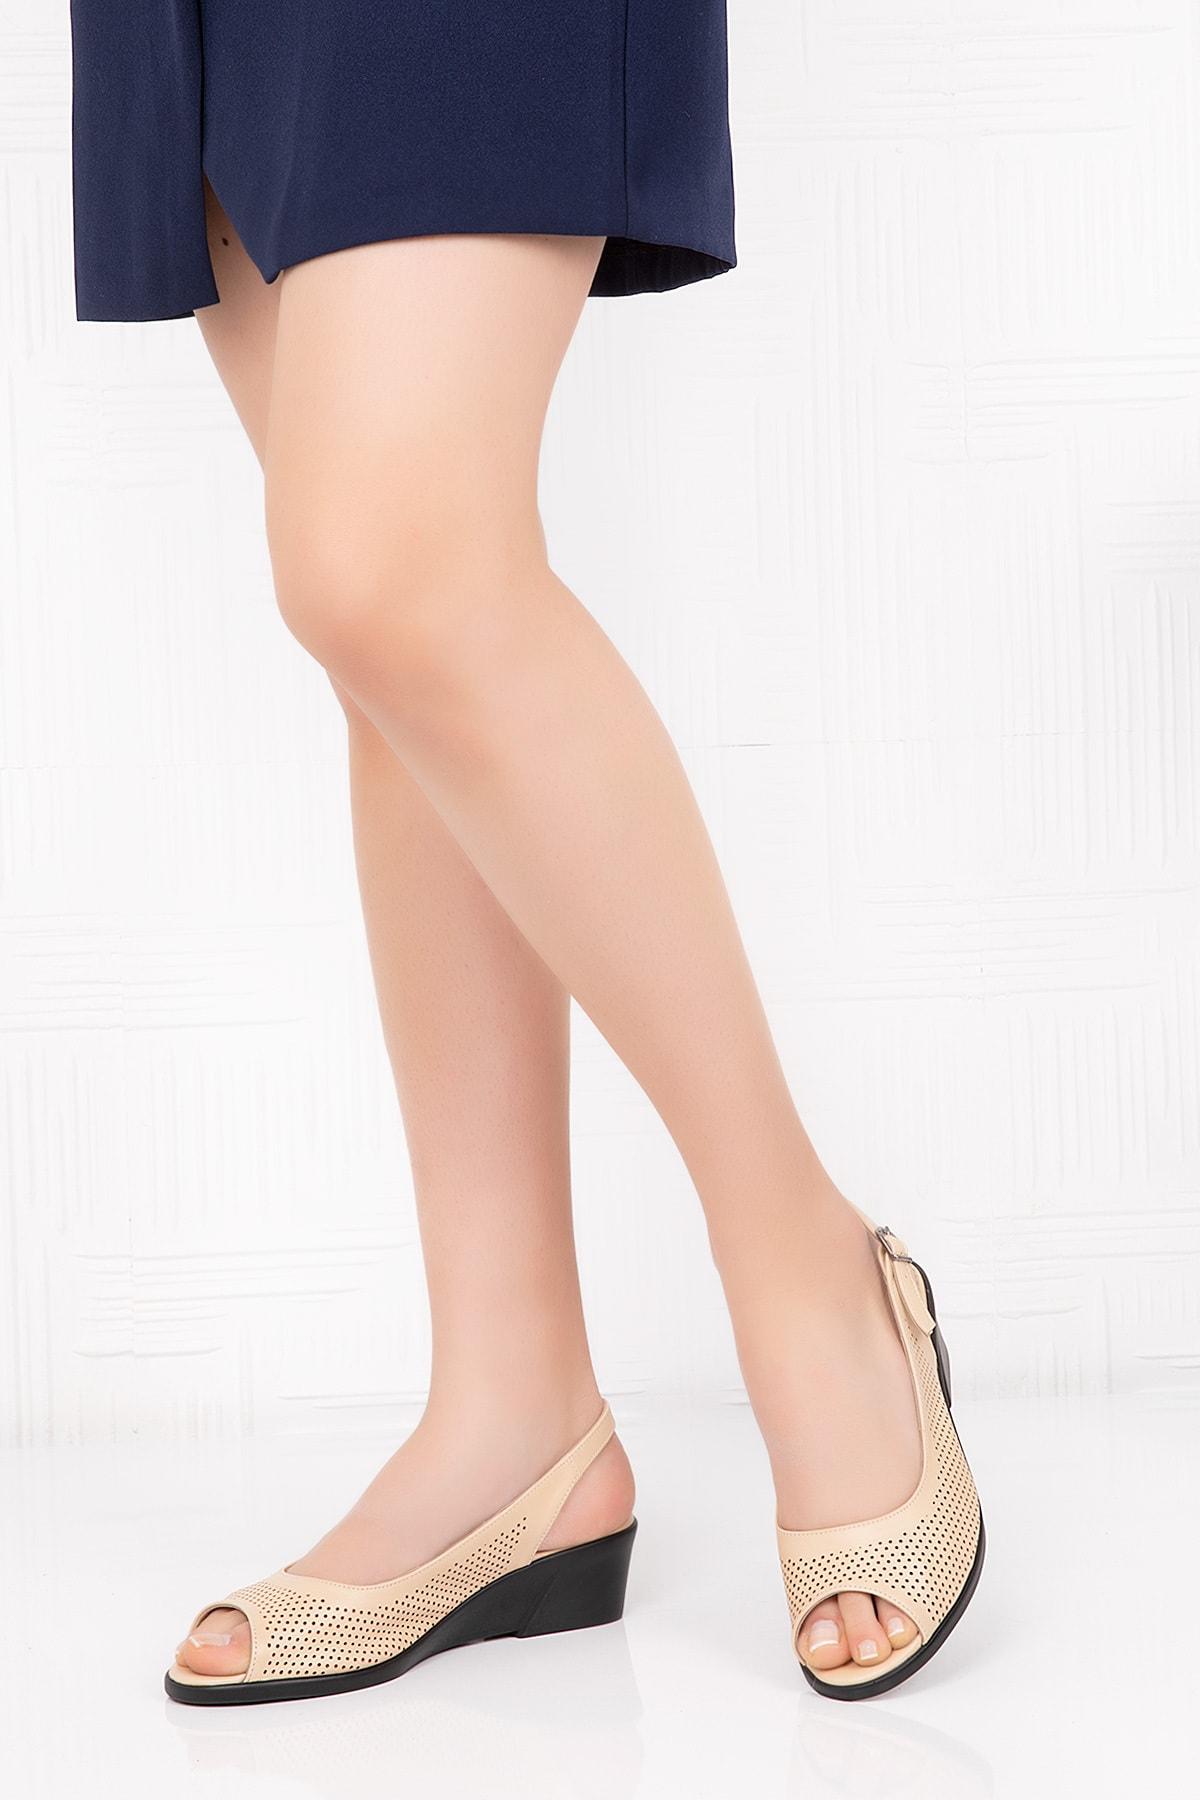 Gondol Hakiki Deri Anatomik Taban Sandalet 2